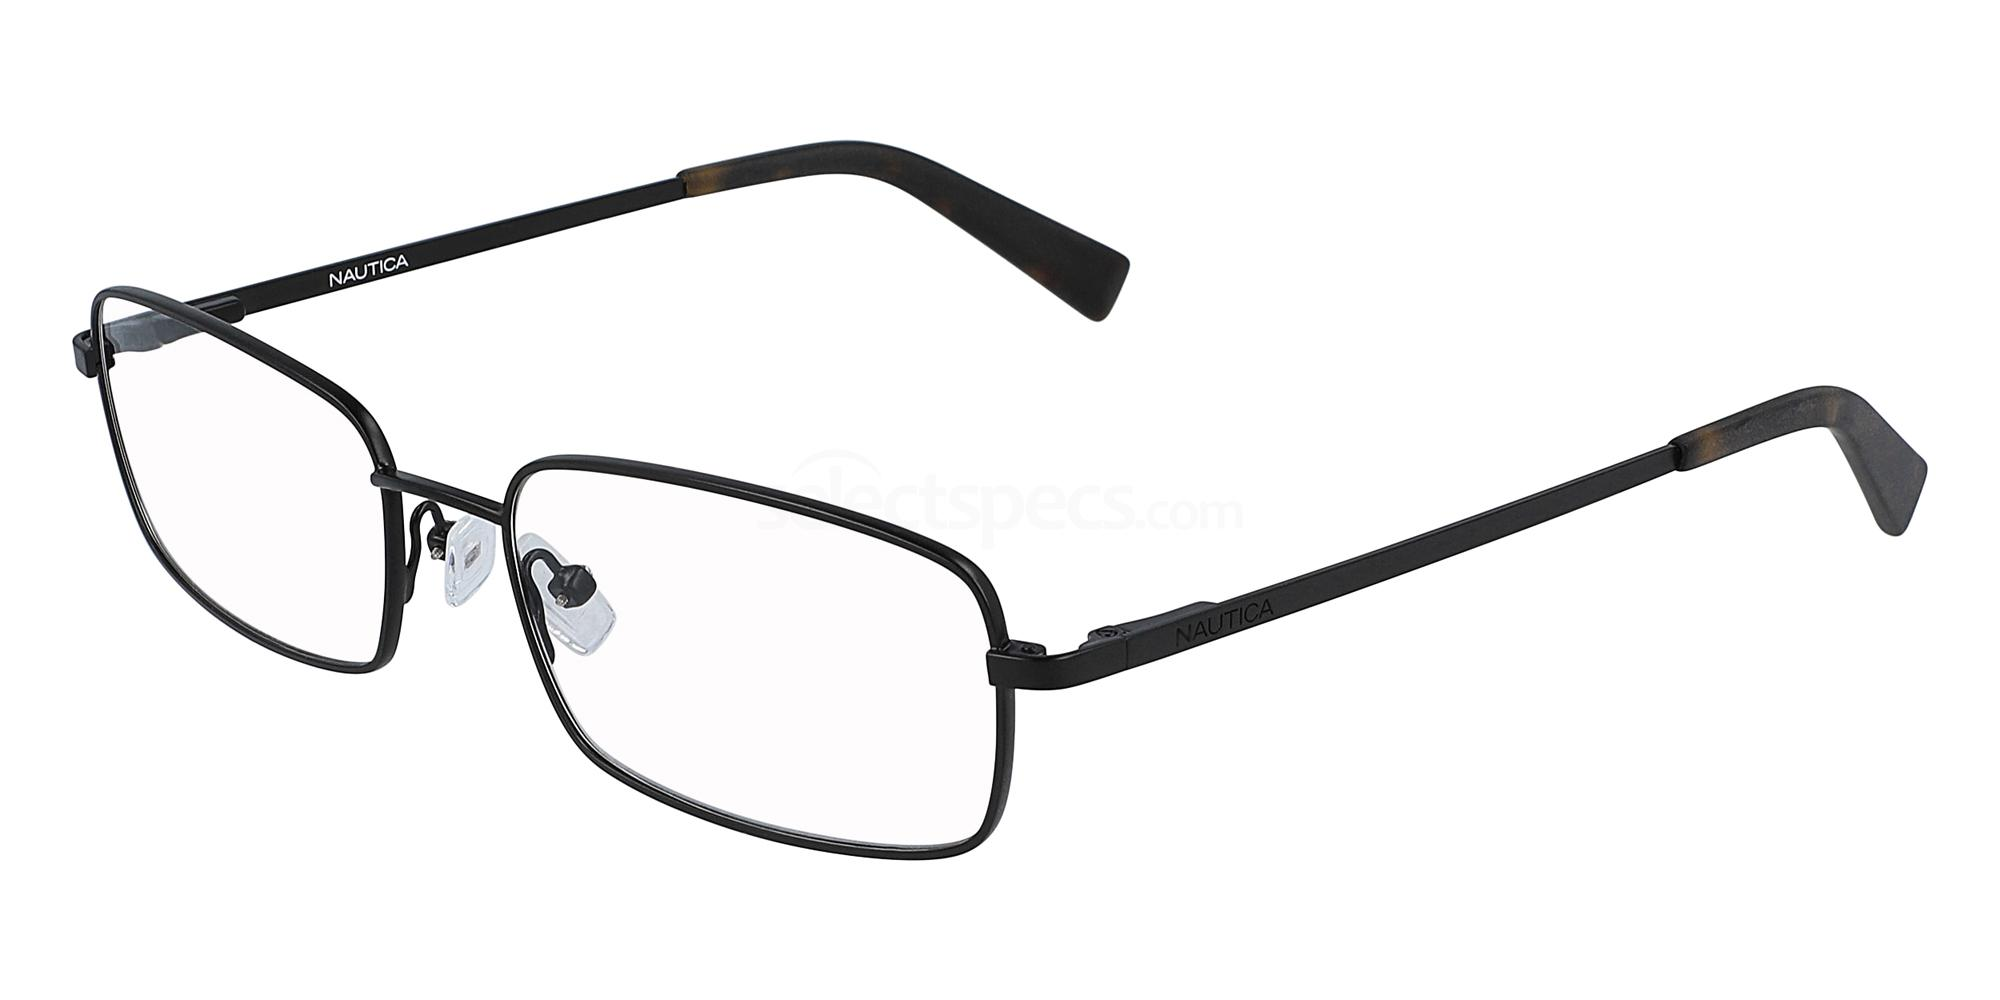 005 N7302 Glasses, Nautica